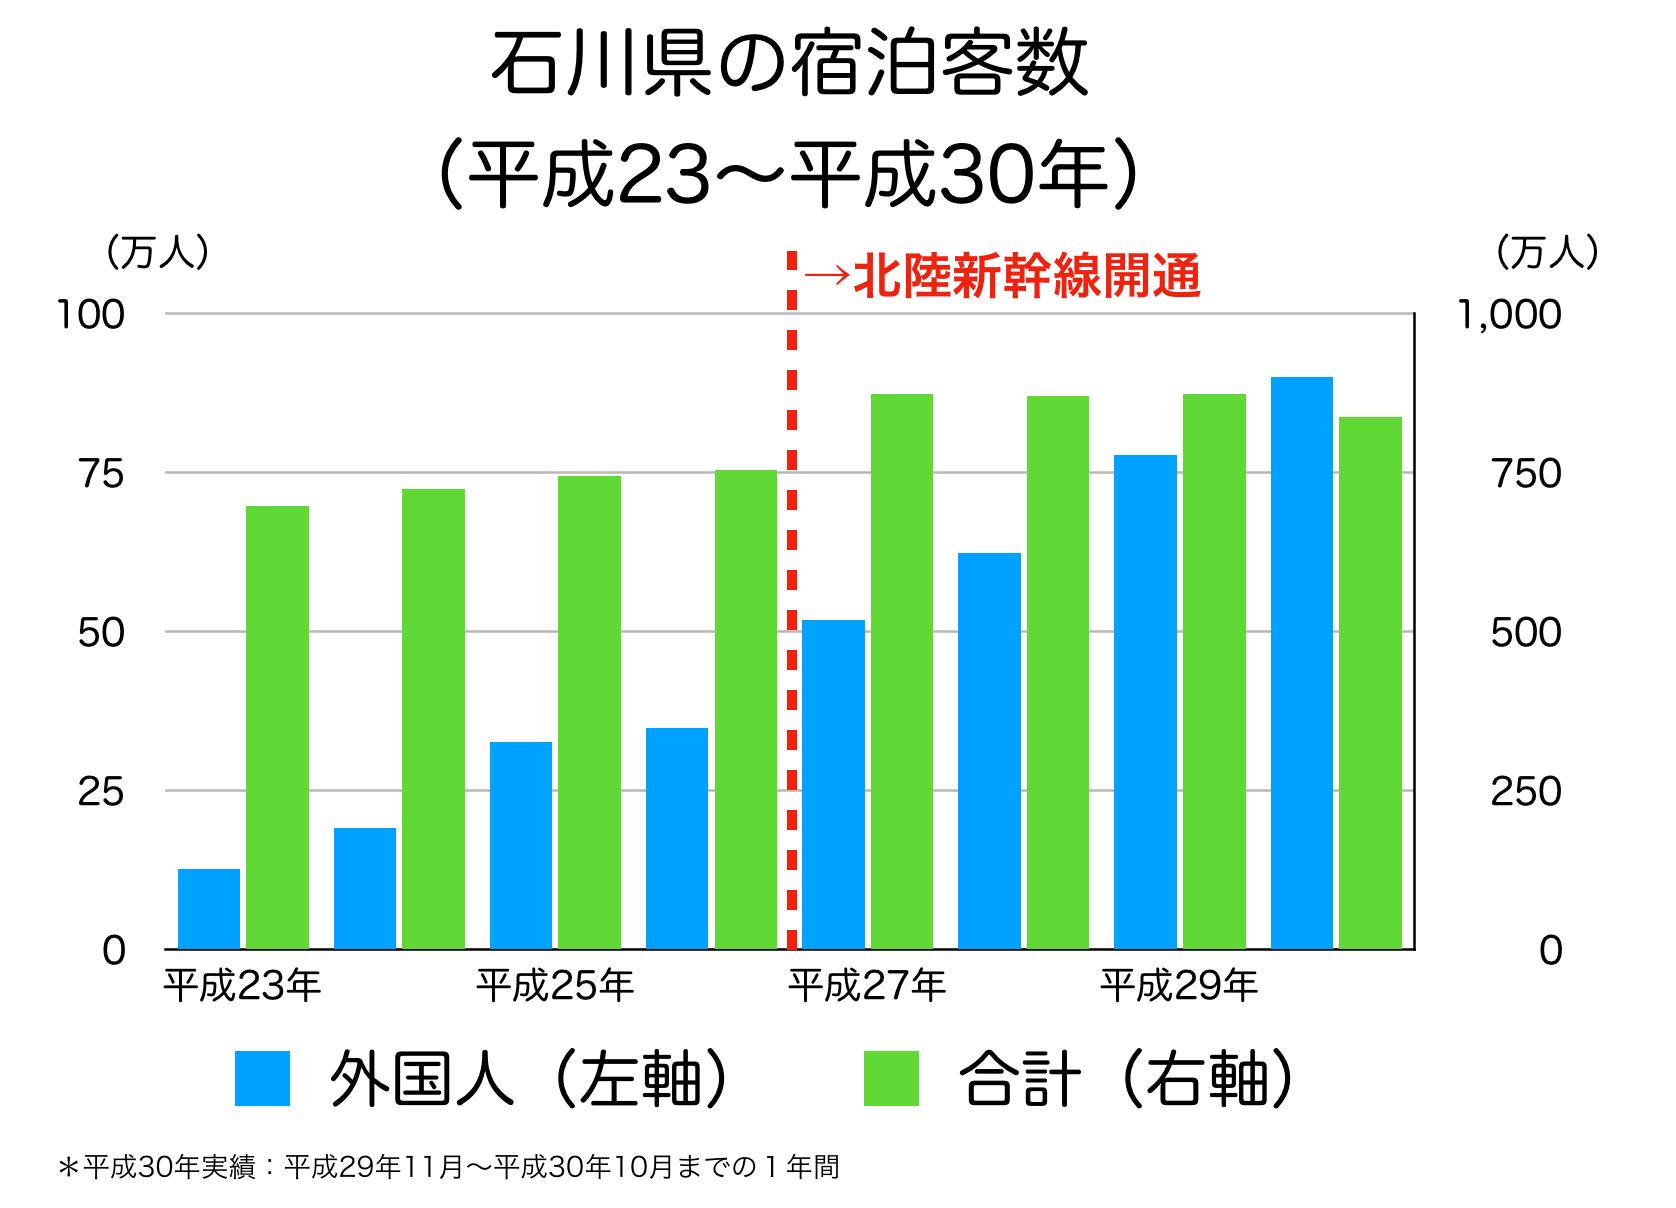 石川県の宿泊客数の推移